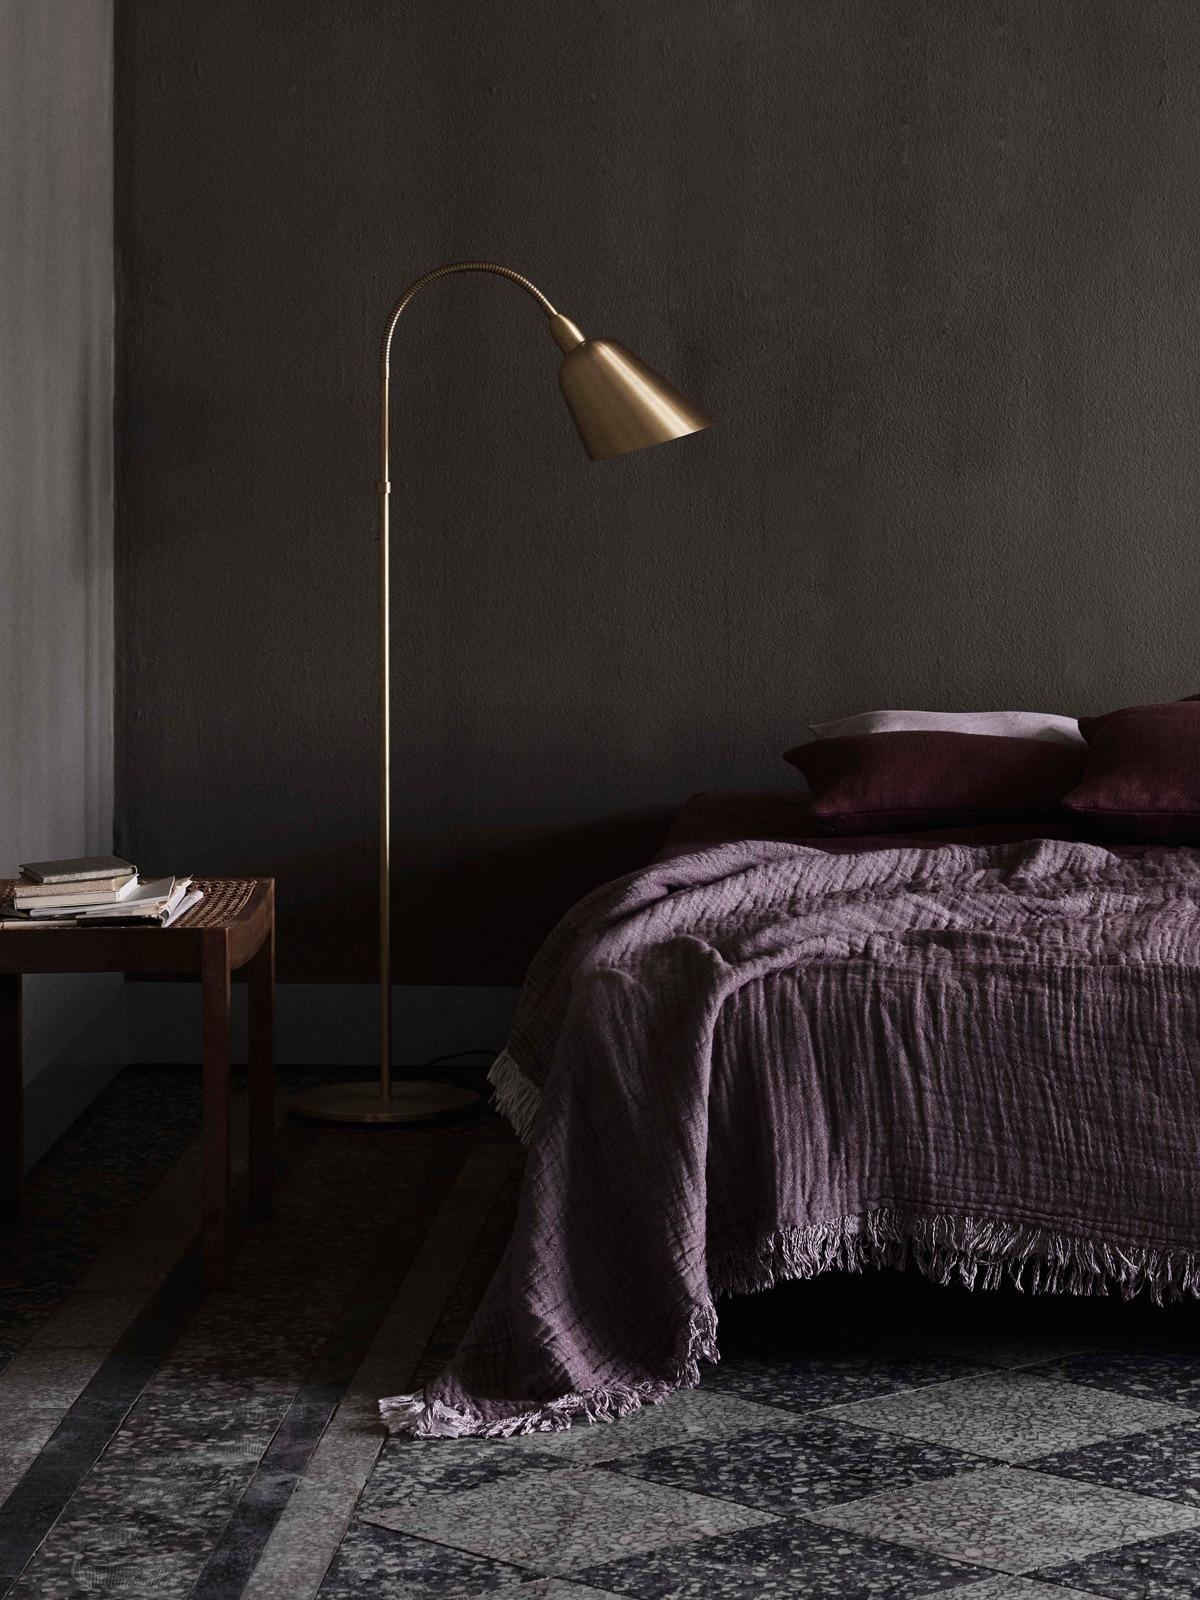 DesignOrt Blog: Bellevue Stehleuchte AJ7 &tradition Stehleuchte DesignOrt Lampen Berlin